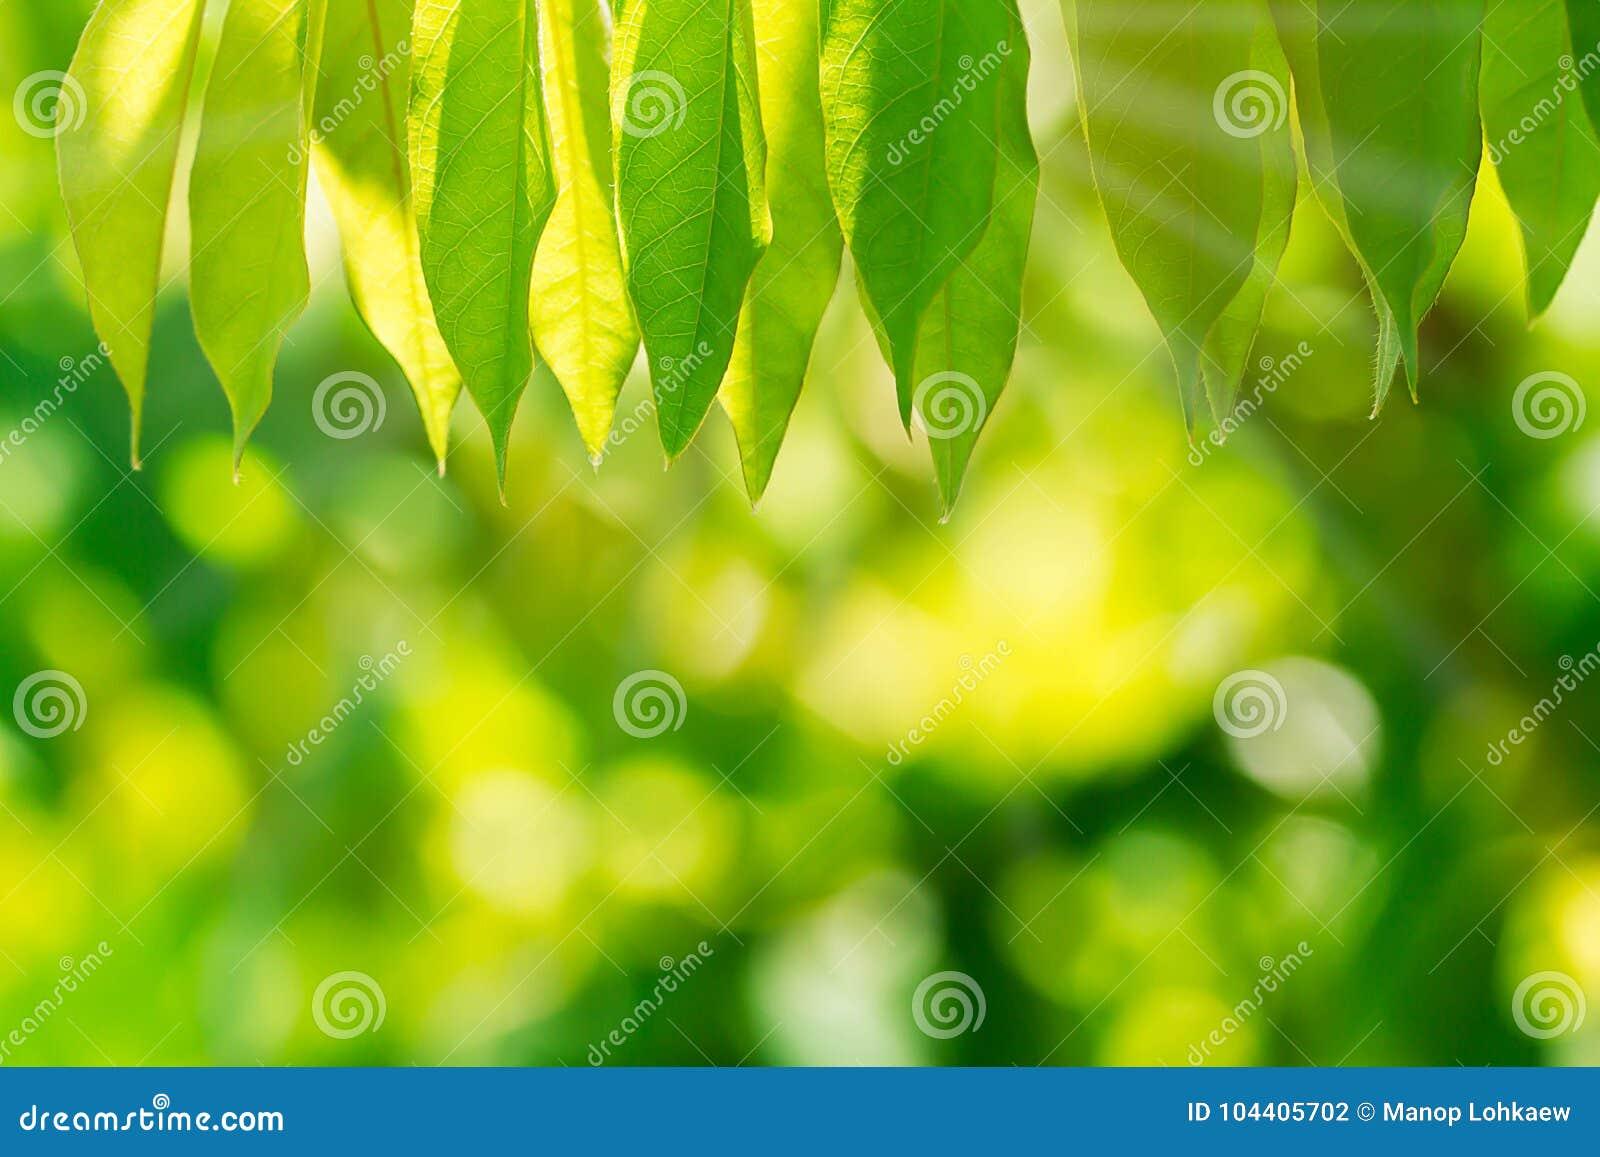 Selectieve nadruk van aard groene bladeren op vage groene bokehachtergrond